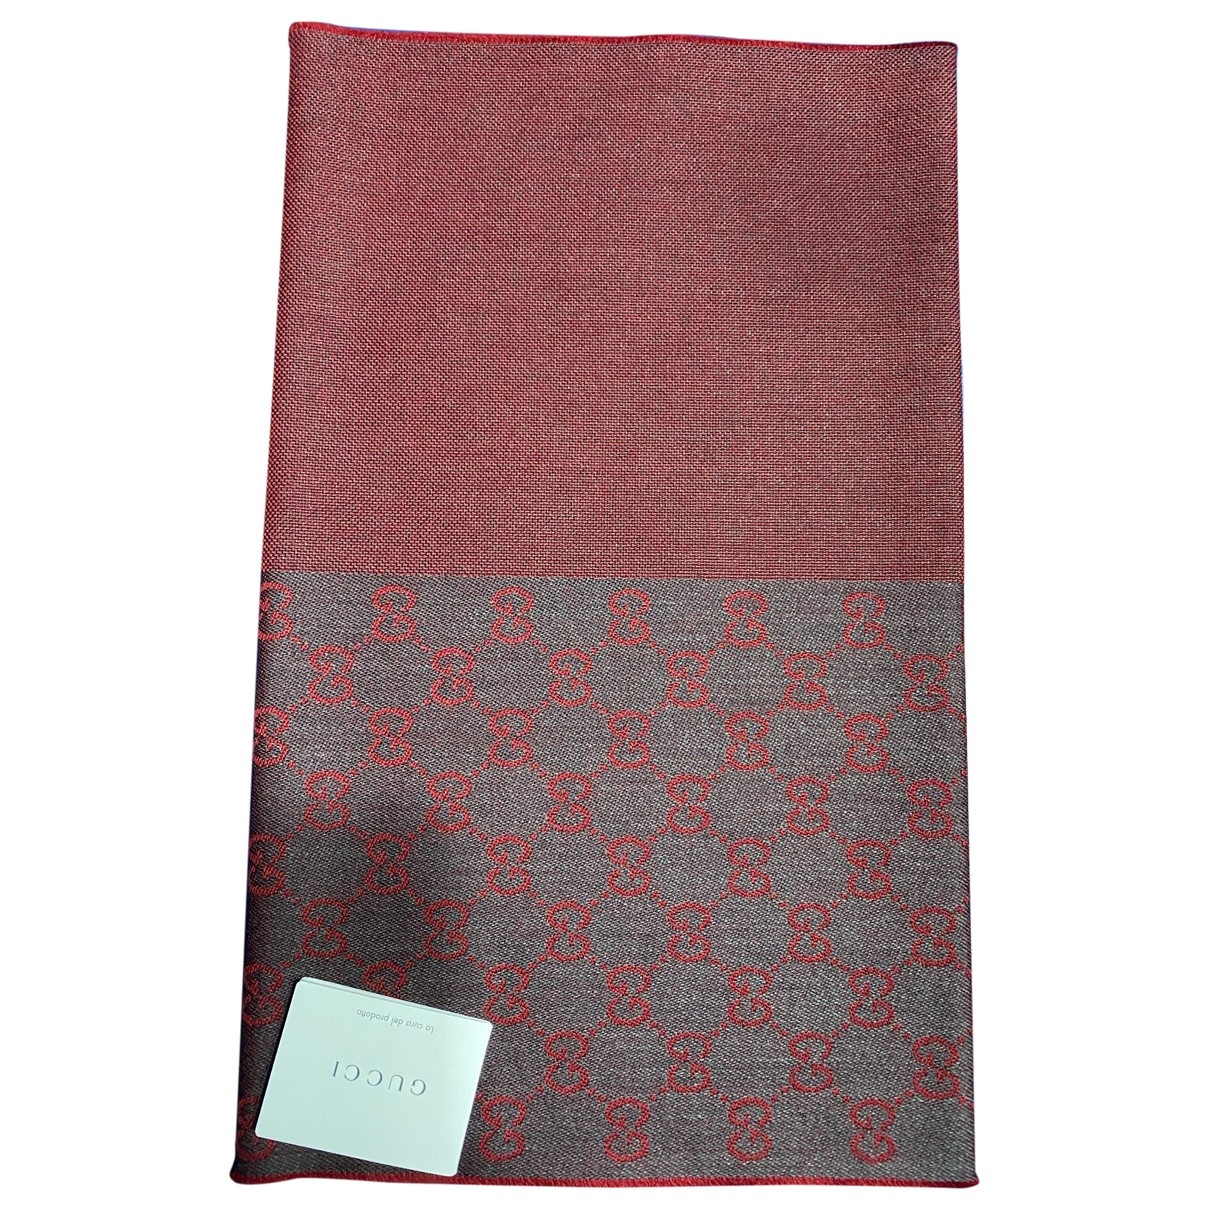 Gucci - Cheches.Echarpes   pour homme en laine - bordeaux